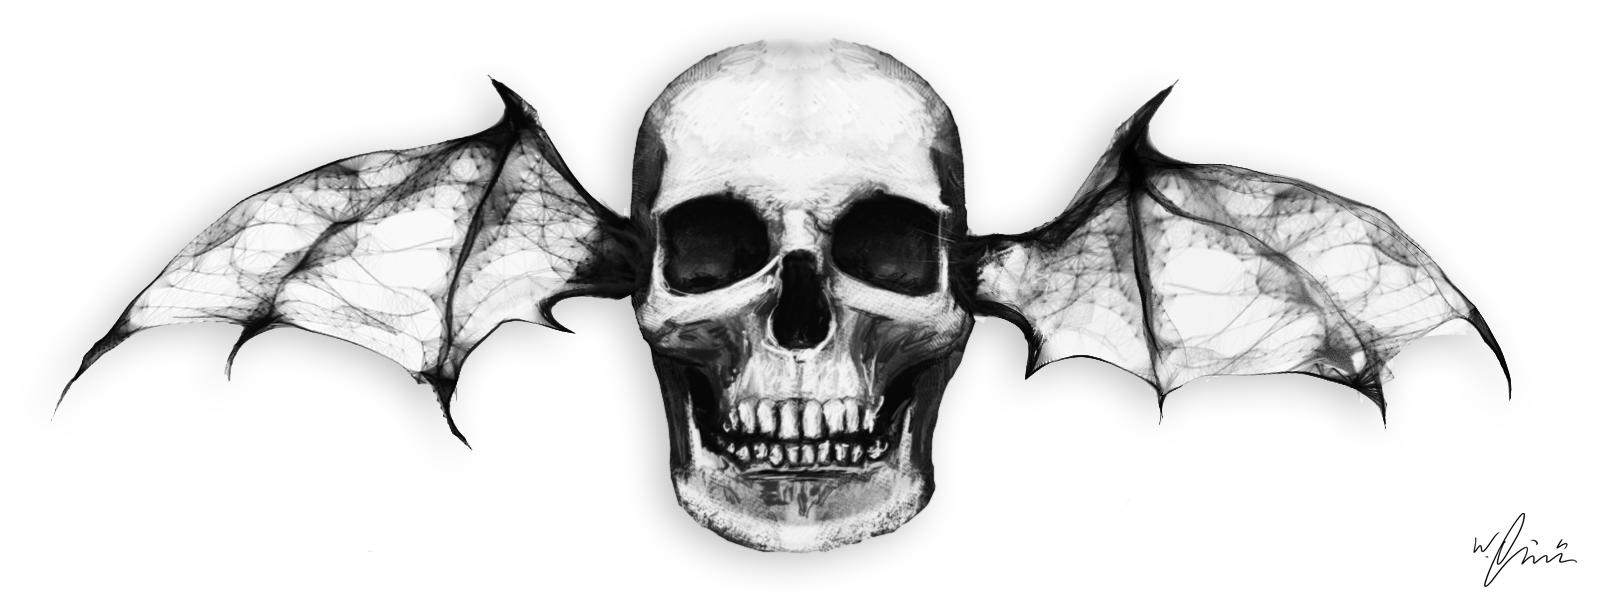 Av av avenged sevenfold tattoo designs - Source